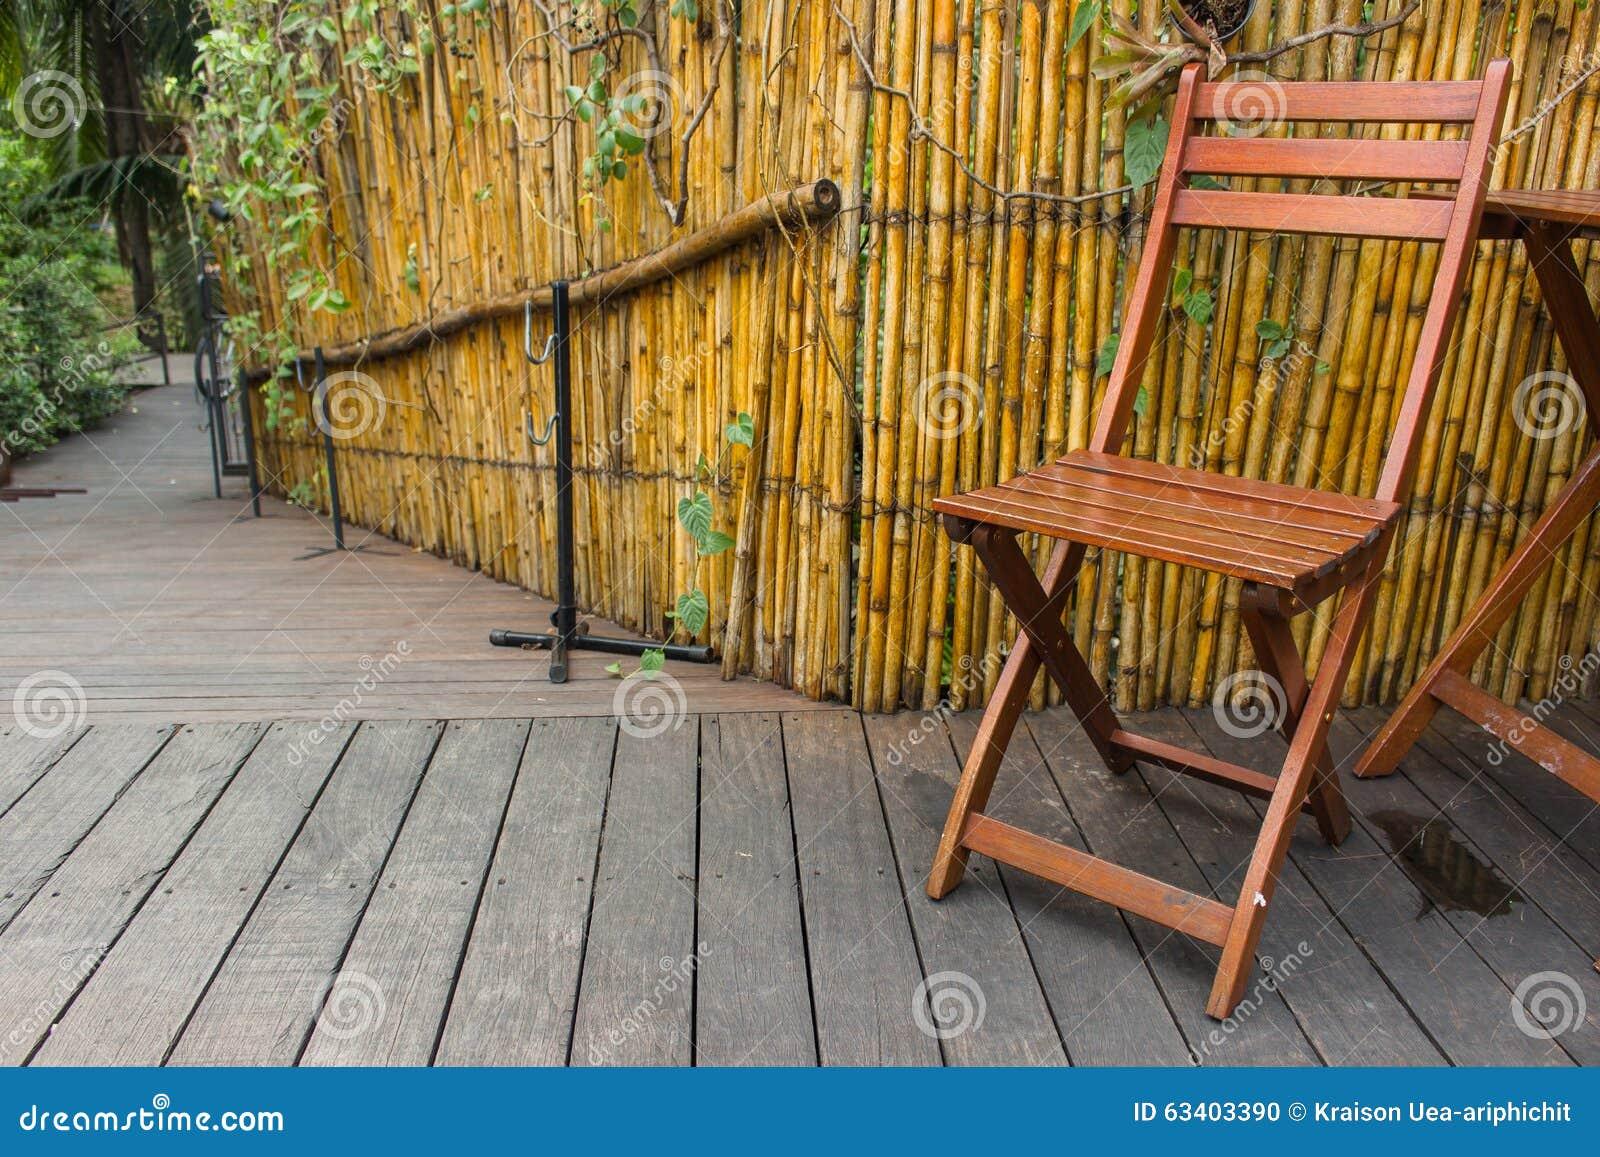 Houten Stoel Tuin : Houten stoel in tuin stock foto. afbeelding bestaande uit vakantie